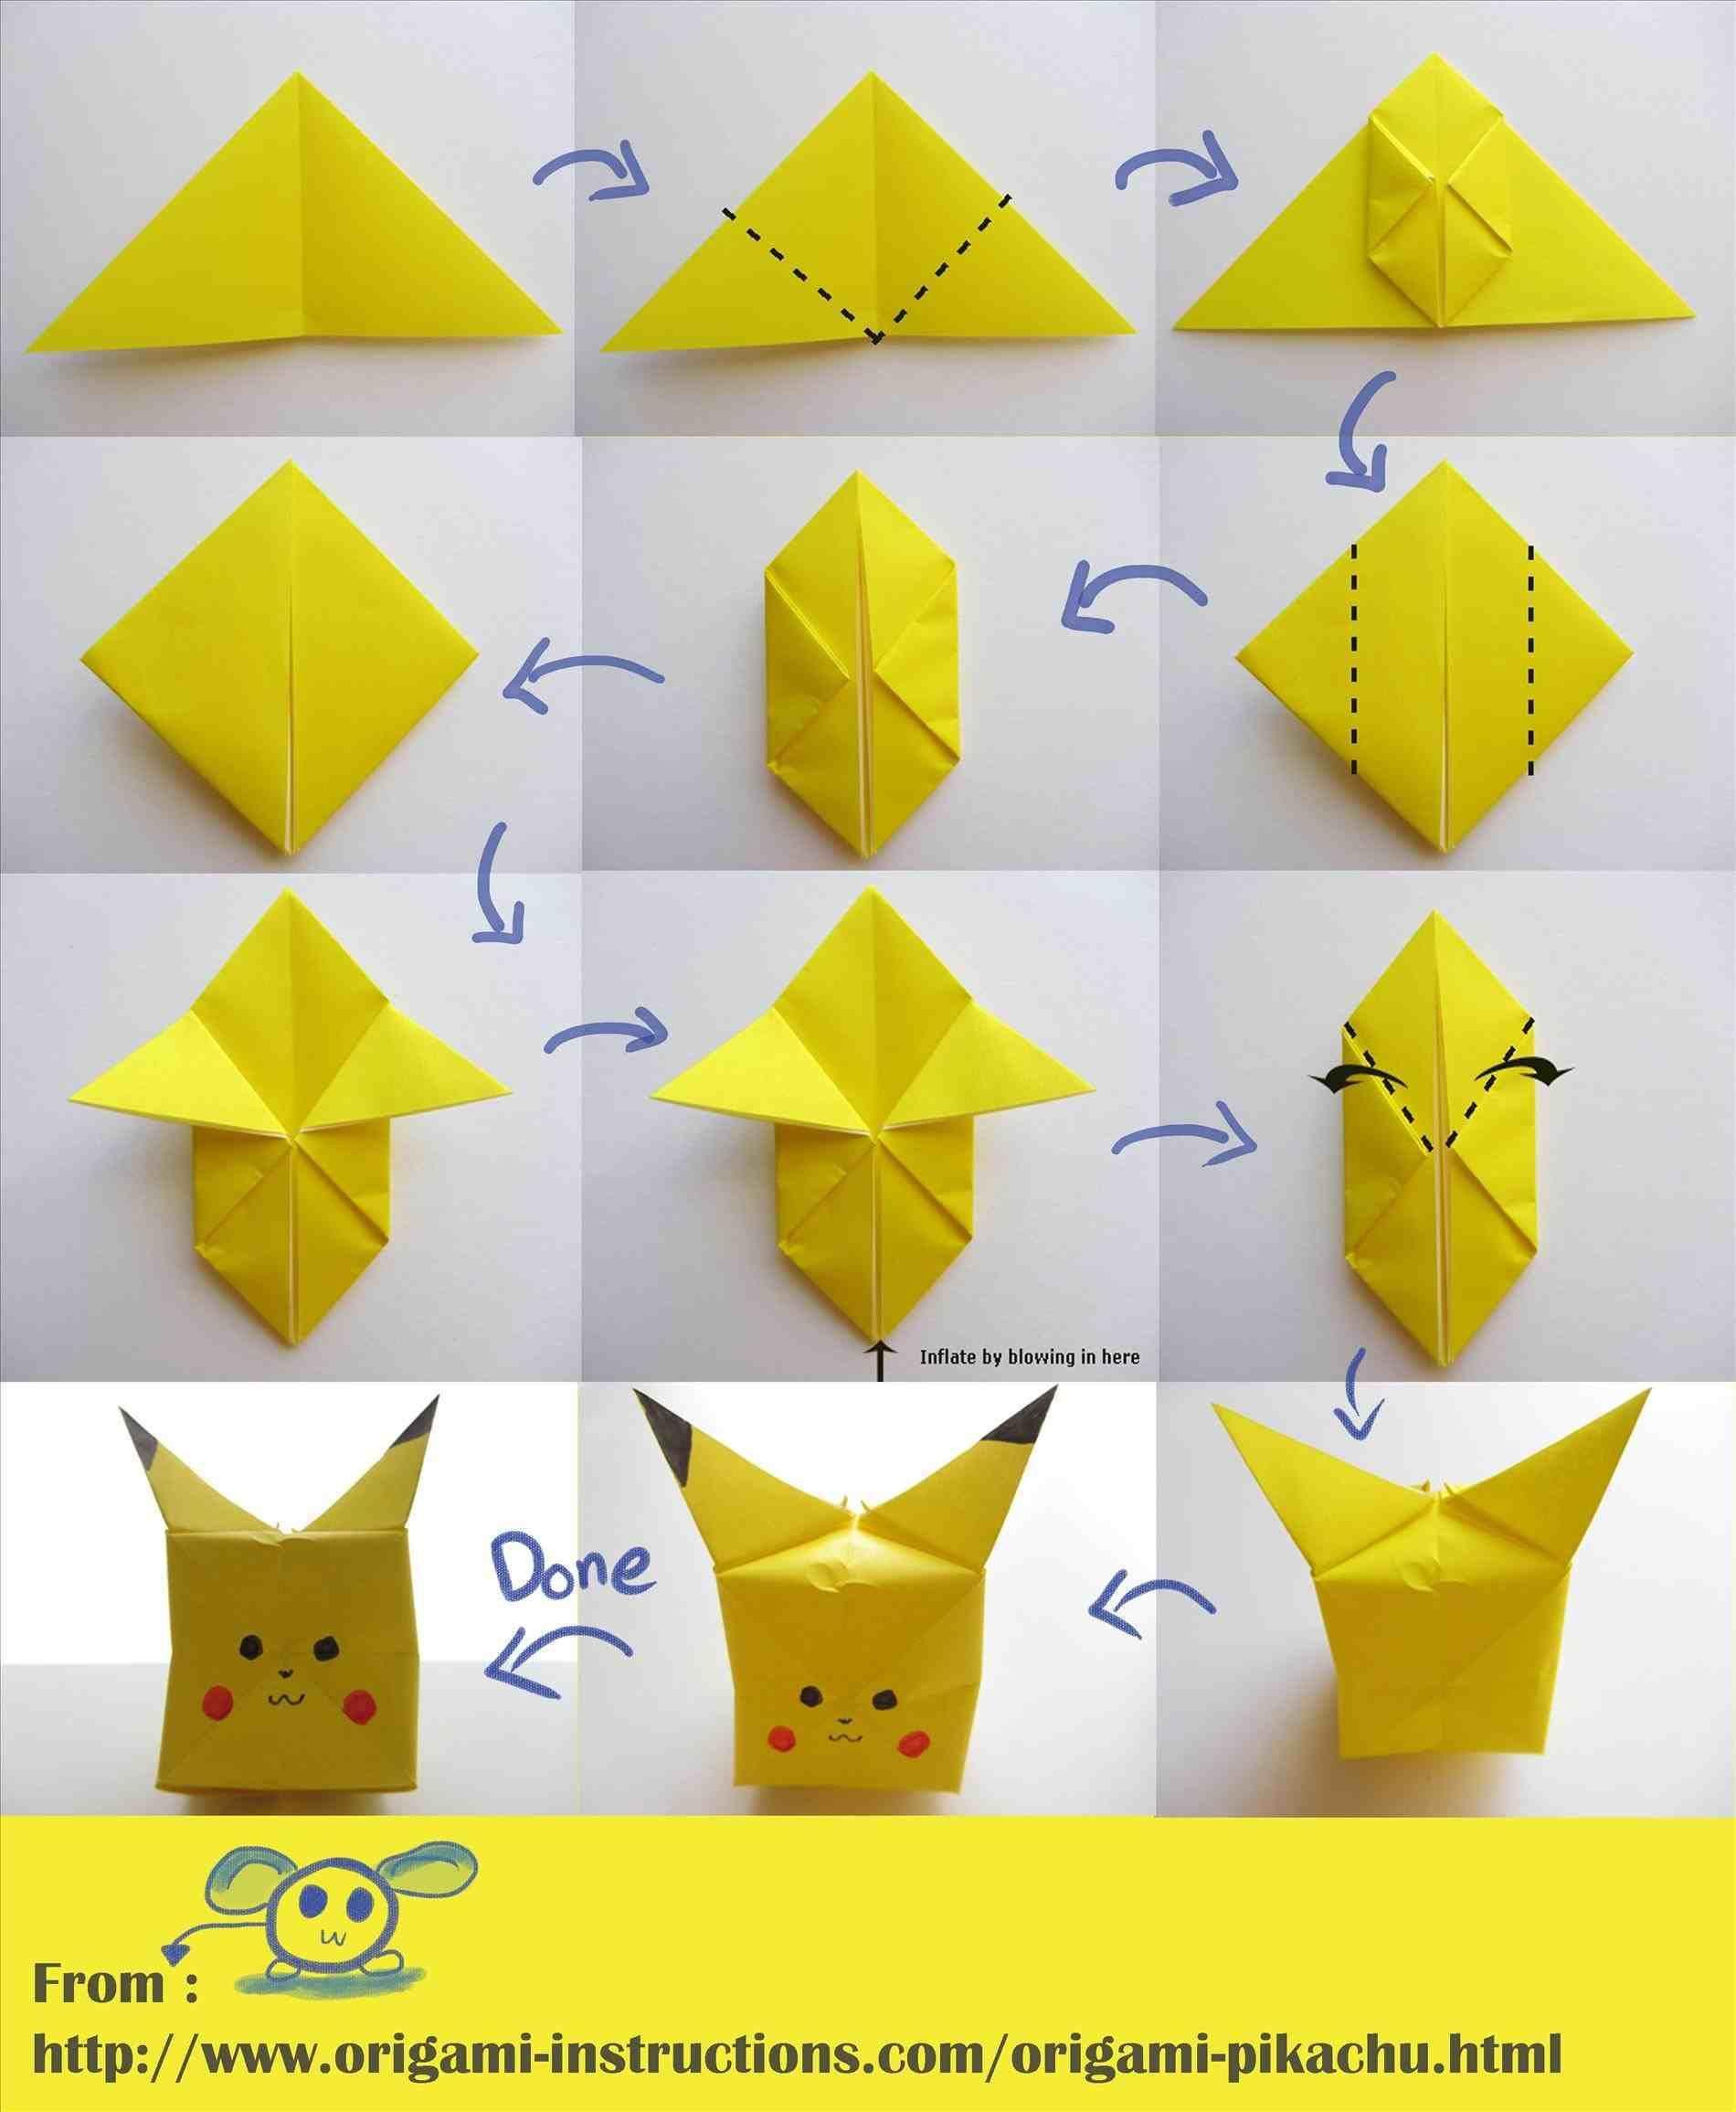 Pinterest Rhpinterestcom D Instructions New How To Create A intérieur Pliage Papier Enfant